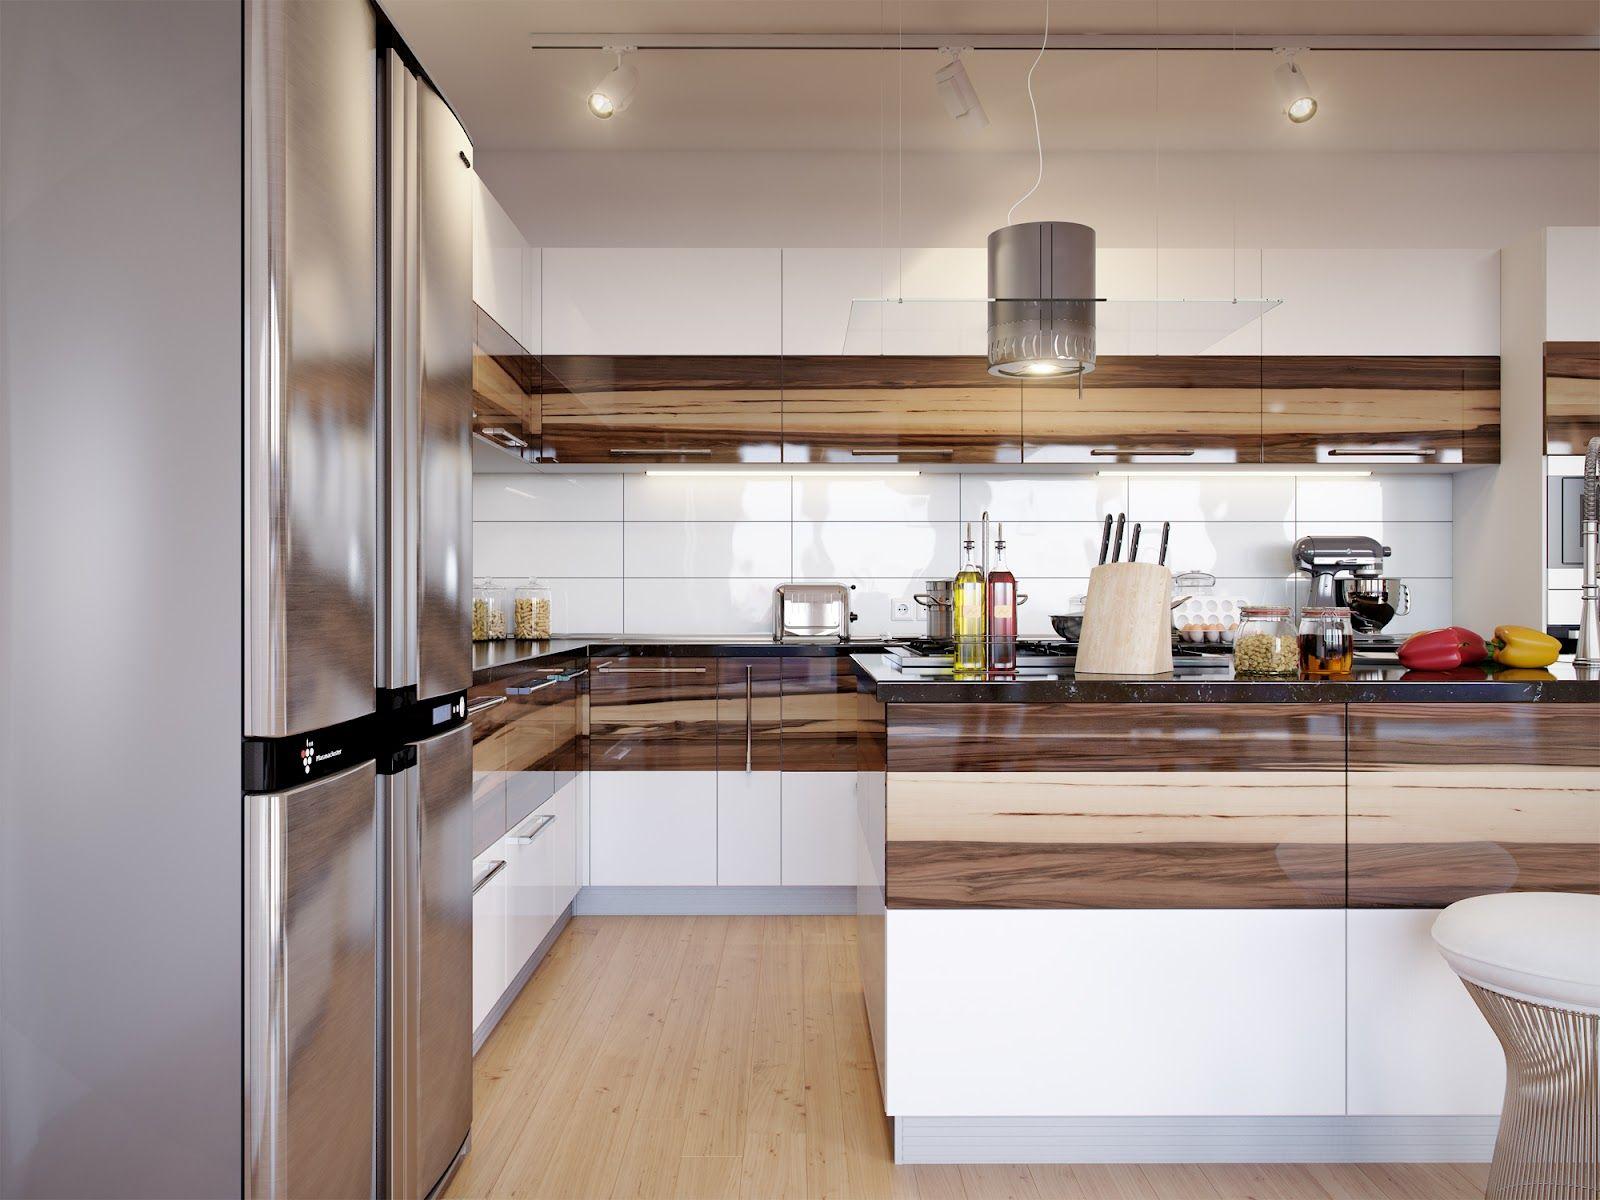 Home Walnut Cabinets White Gloss Kitchen Decor